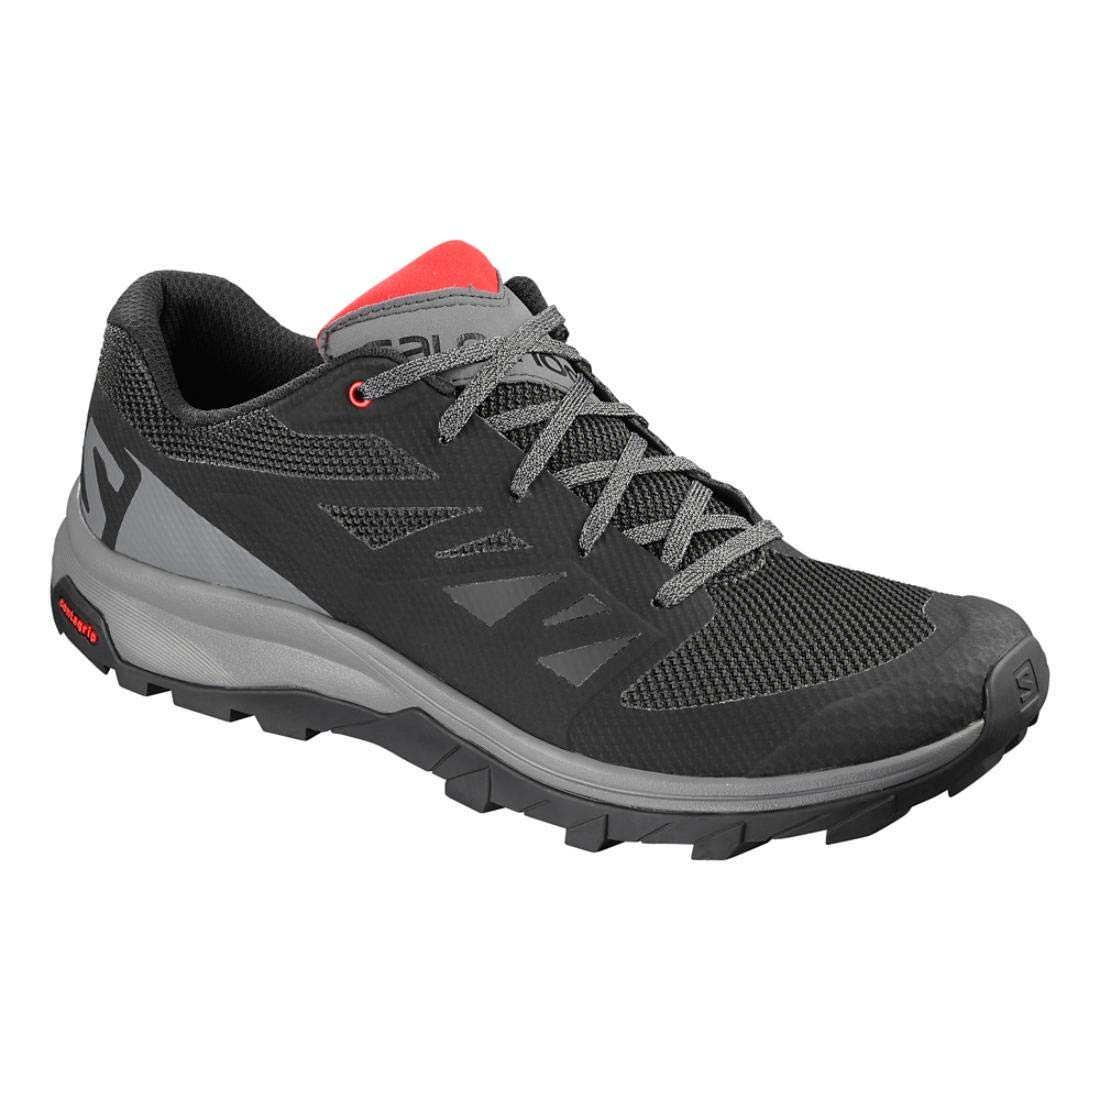 Salomon Outline - Chaussures Randonnée Homme fonc?/rouge 46 2/3|noir/gris fonc?/rouge Homme vif 1ba787